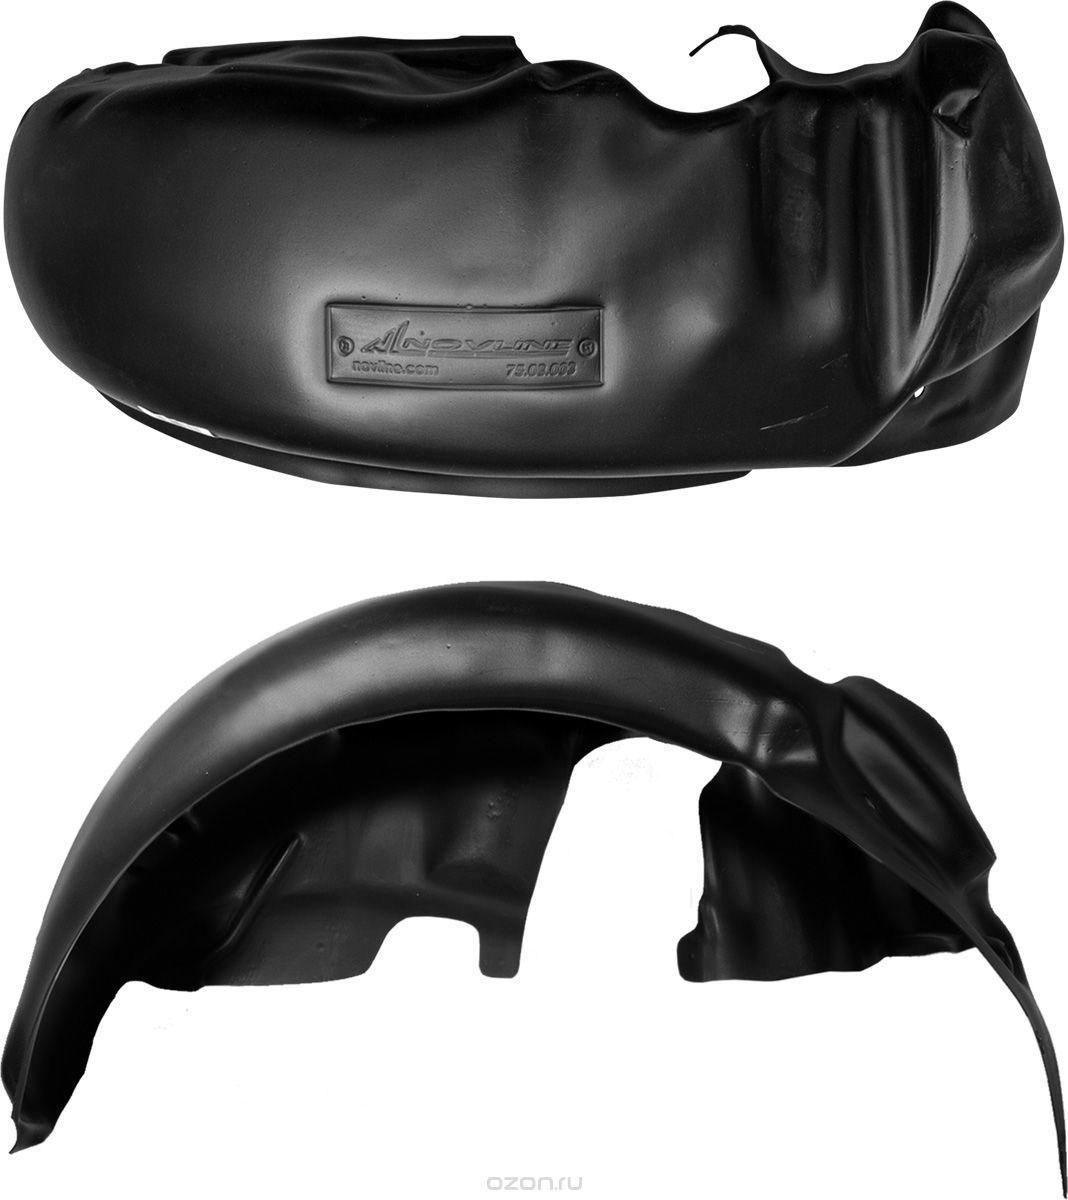 Подкрылок Novline-Autofamily, для CHEVROLET Lacetti 2004-2013, хб., сед., задний правый004504Идеальная защита колесной ниши. Локеры разработаны с применением цифровых технологий, гарантируют максимальную повторяемость поверхности арки. Изделия устанавливаются без нарушения лакокрасочного покрытия автомобиля, каждый подкрылок комплектуется крепежом. Уважаемые клиенты, обращаем ваше внимание, что фотографии на подкрылки универсальные и не отражают реальную форму изделия. При этом само изделие идет точно под размер указанного автомобиля.